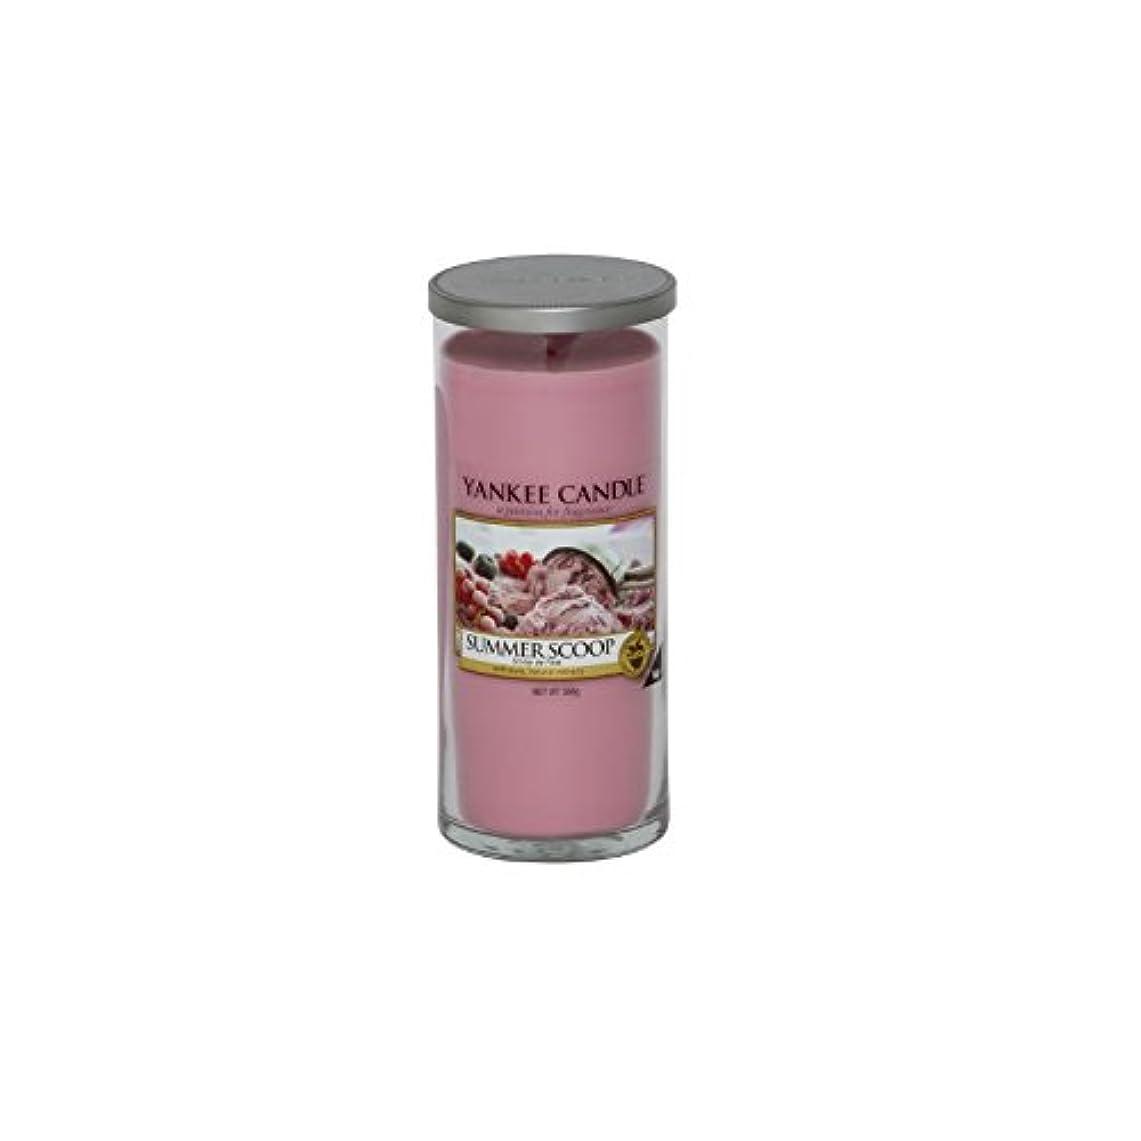 バケツ欠伸マラウイYankee Candles Large Pillar Candle - Summer Scoop (Pack of 2) - ヤンキーキャンドル大きな柱キャンドル - 夏のスクープ (x2) [並行輸入品]